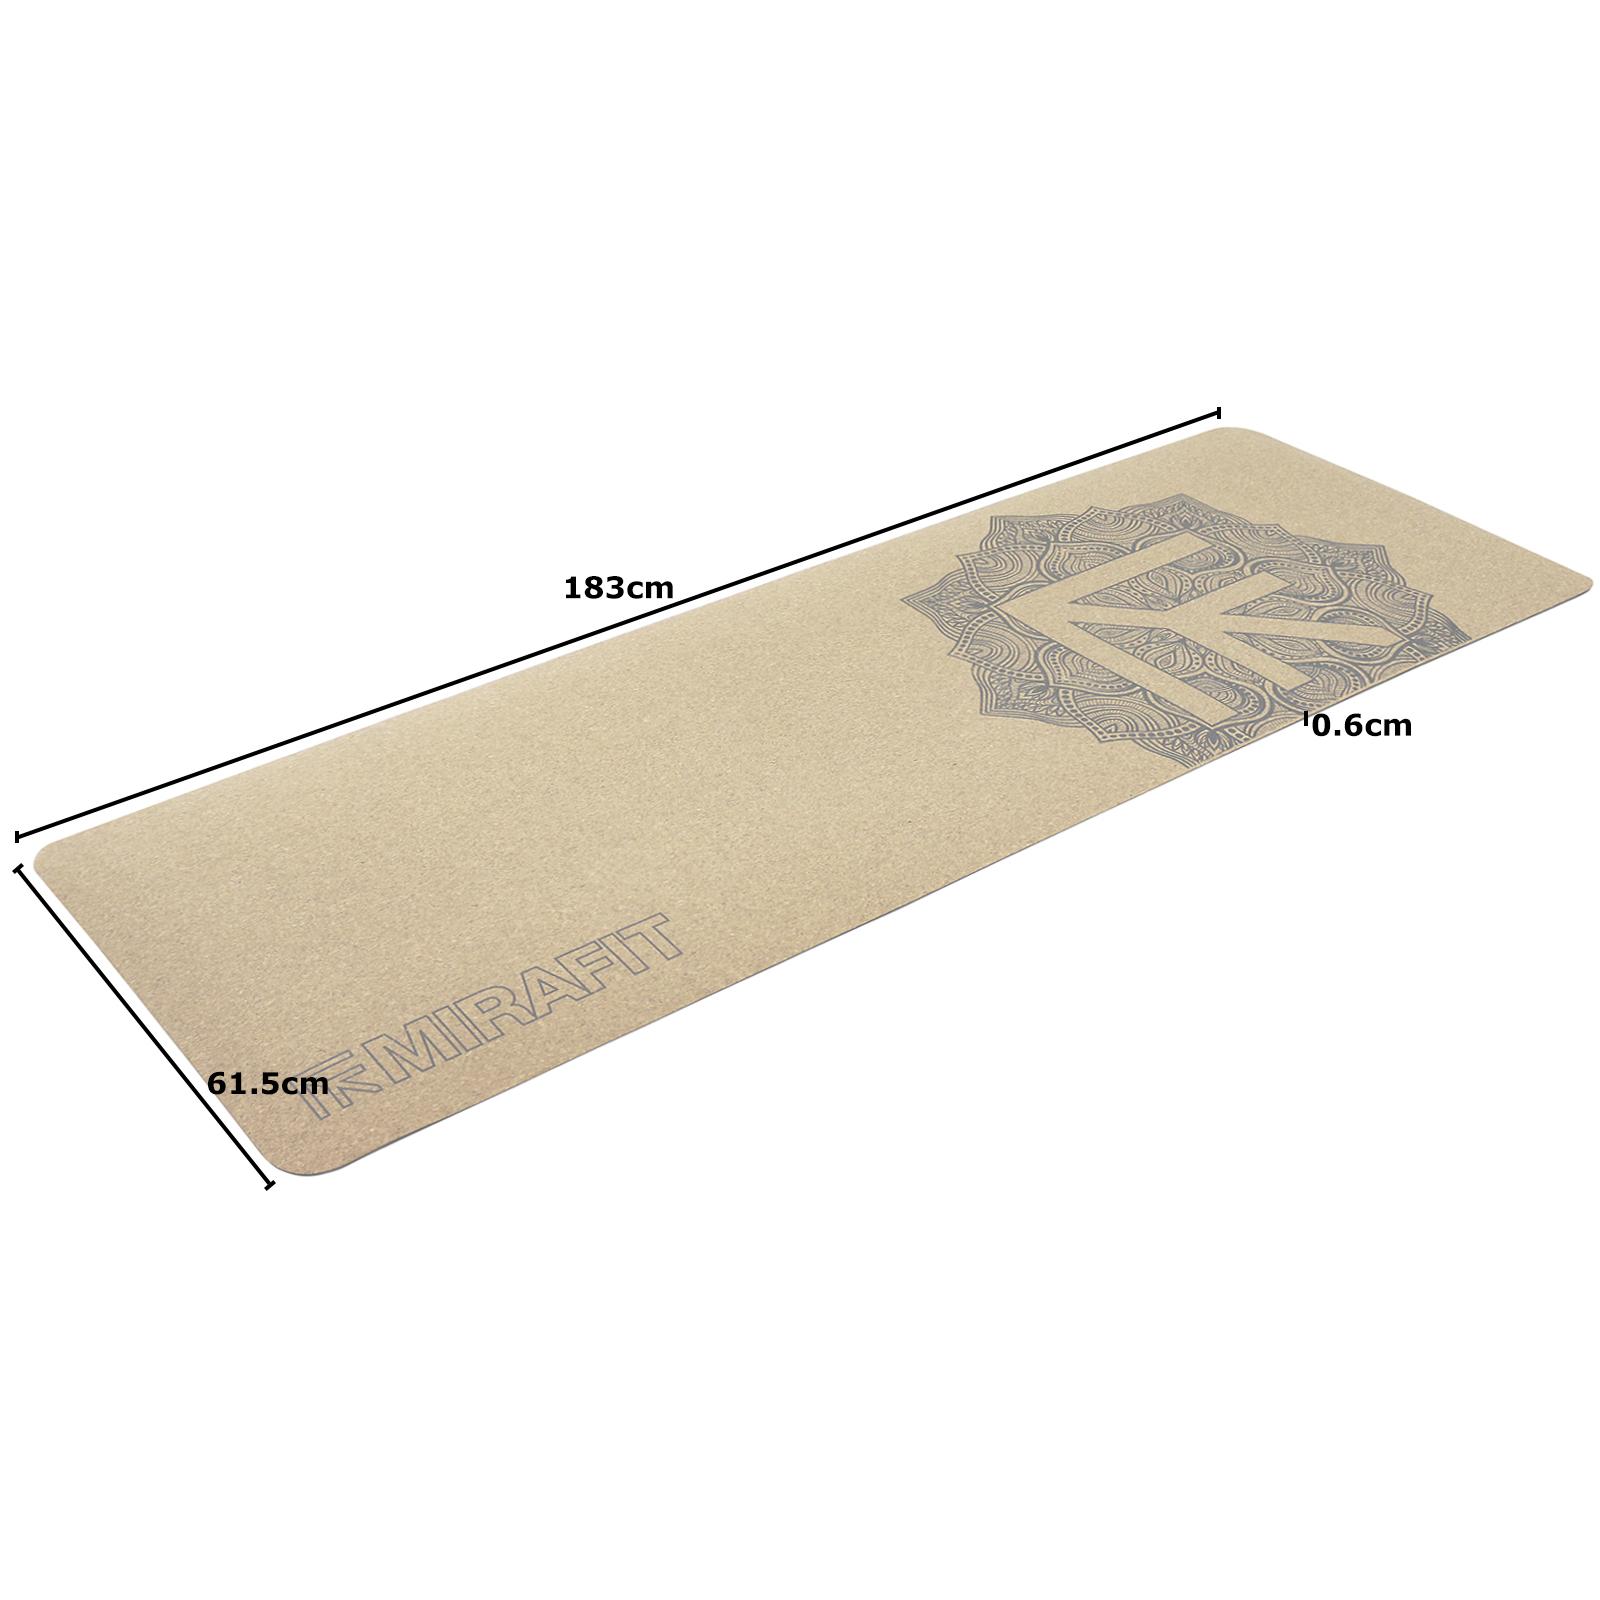 hoonshed saucepot mats mat cork products